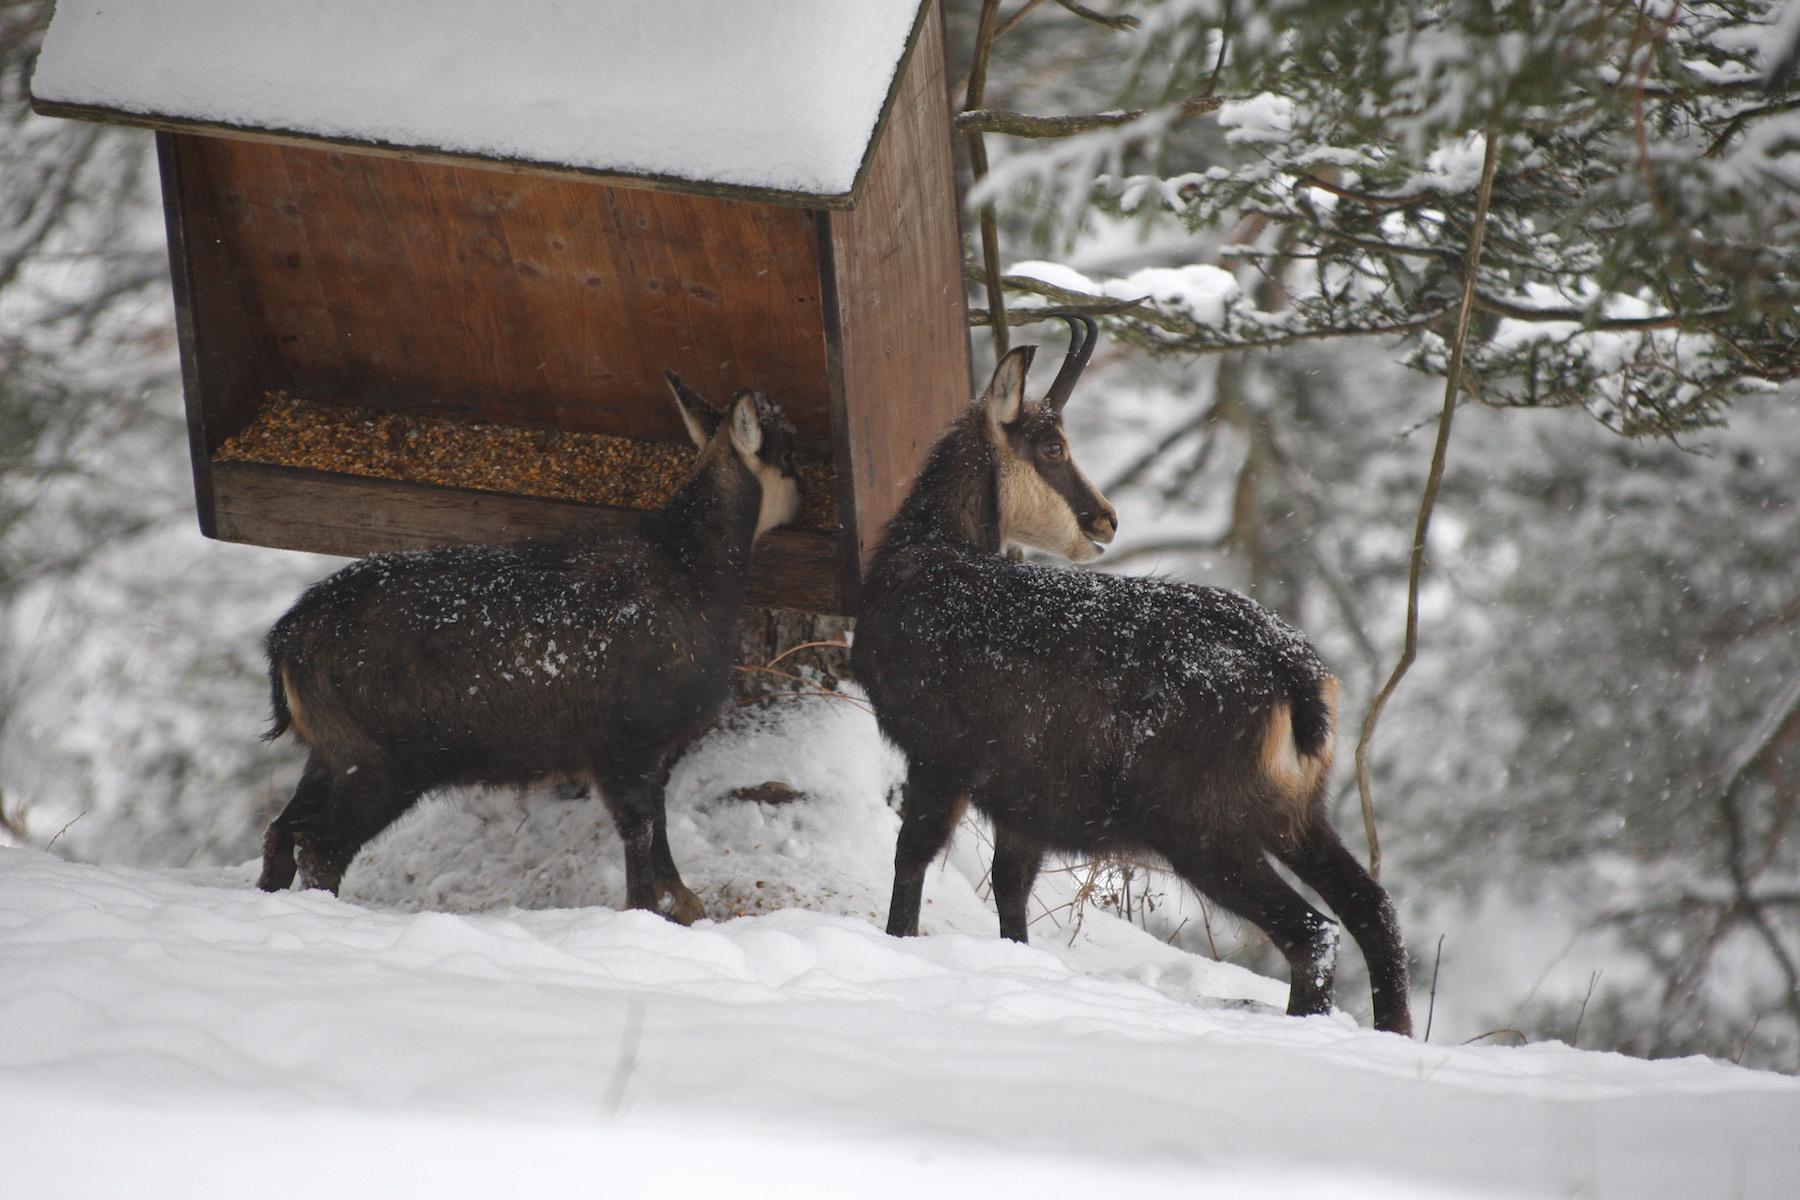 Gämsen im Schnee